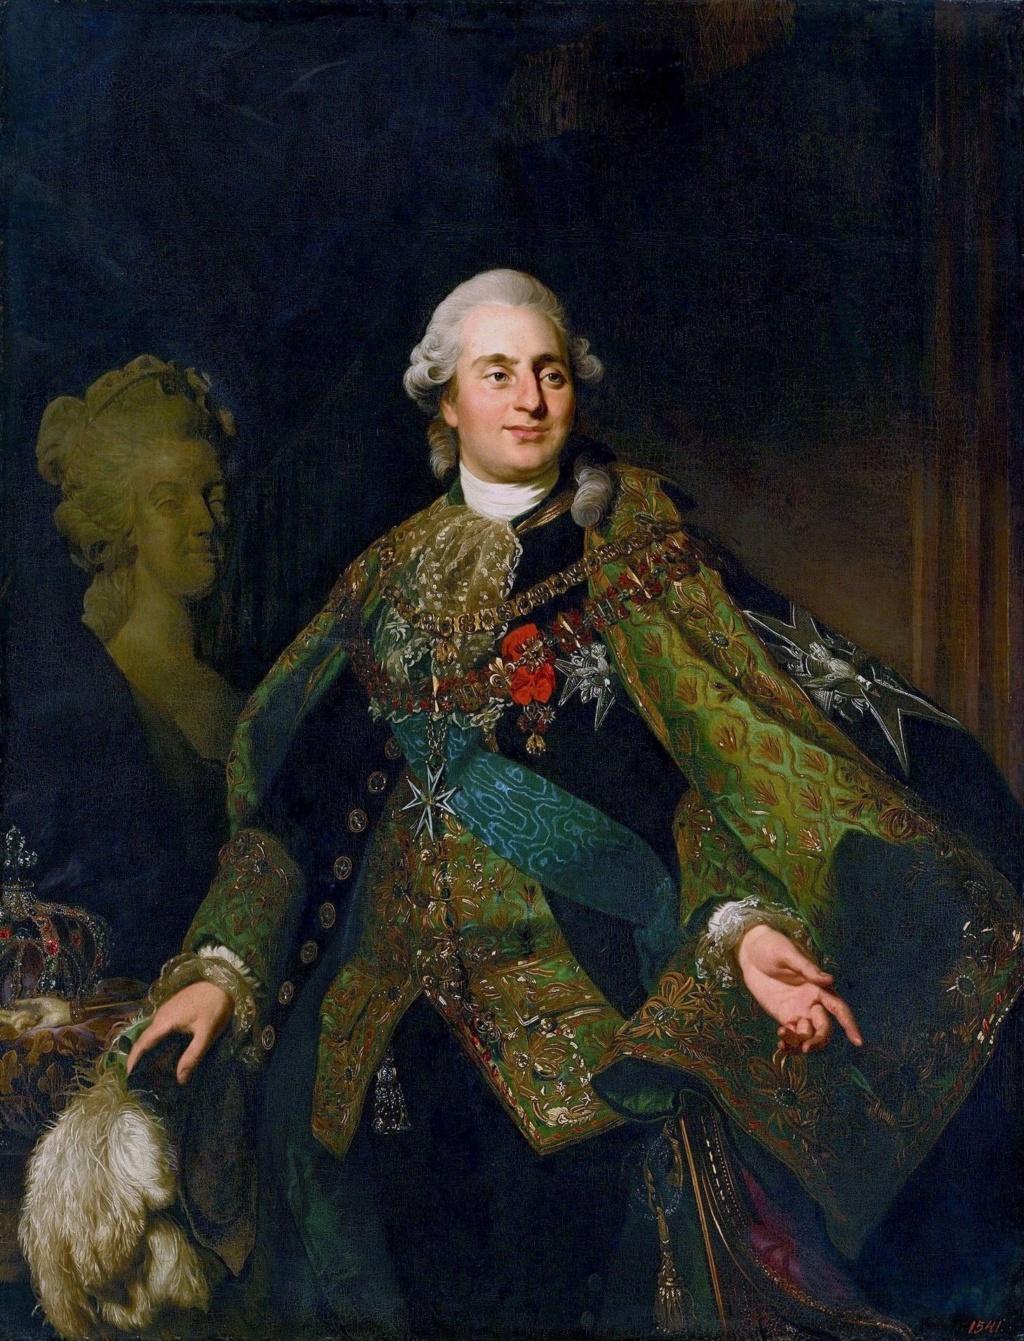 Roslin - Portraits de Louis XVI, roi de France (peintures, dessins, gravures) - Page 3 Roslin11